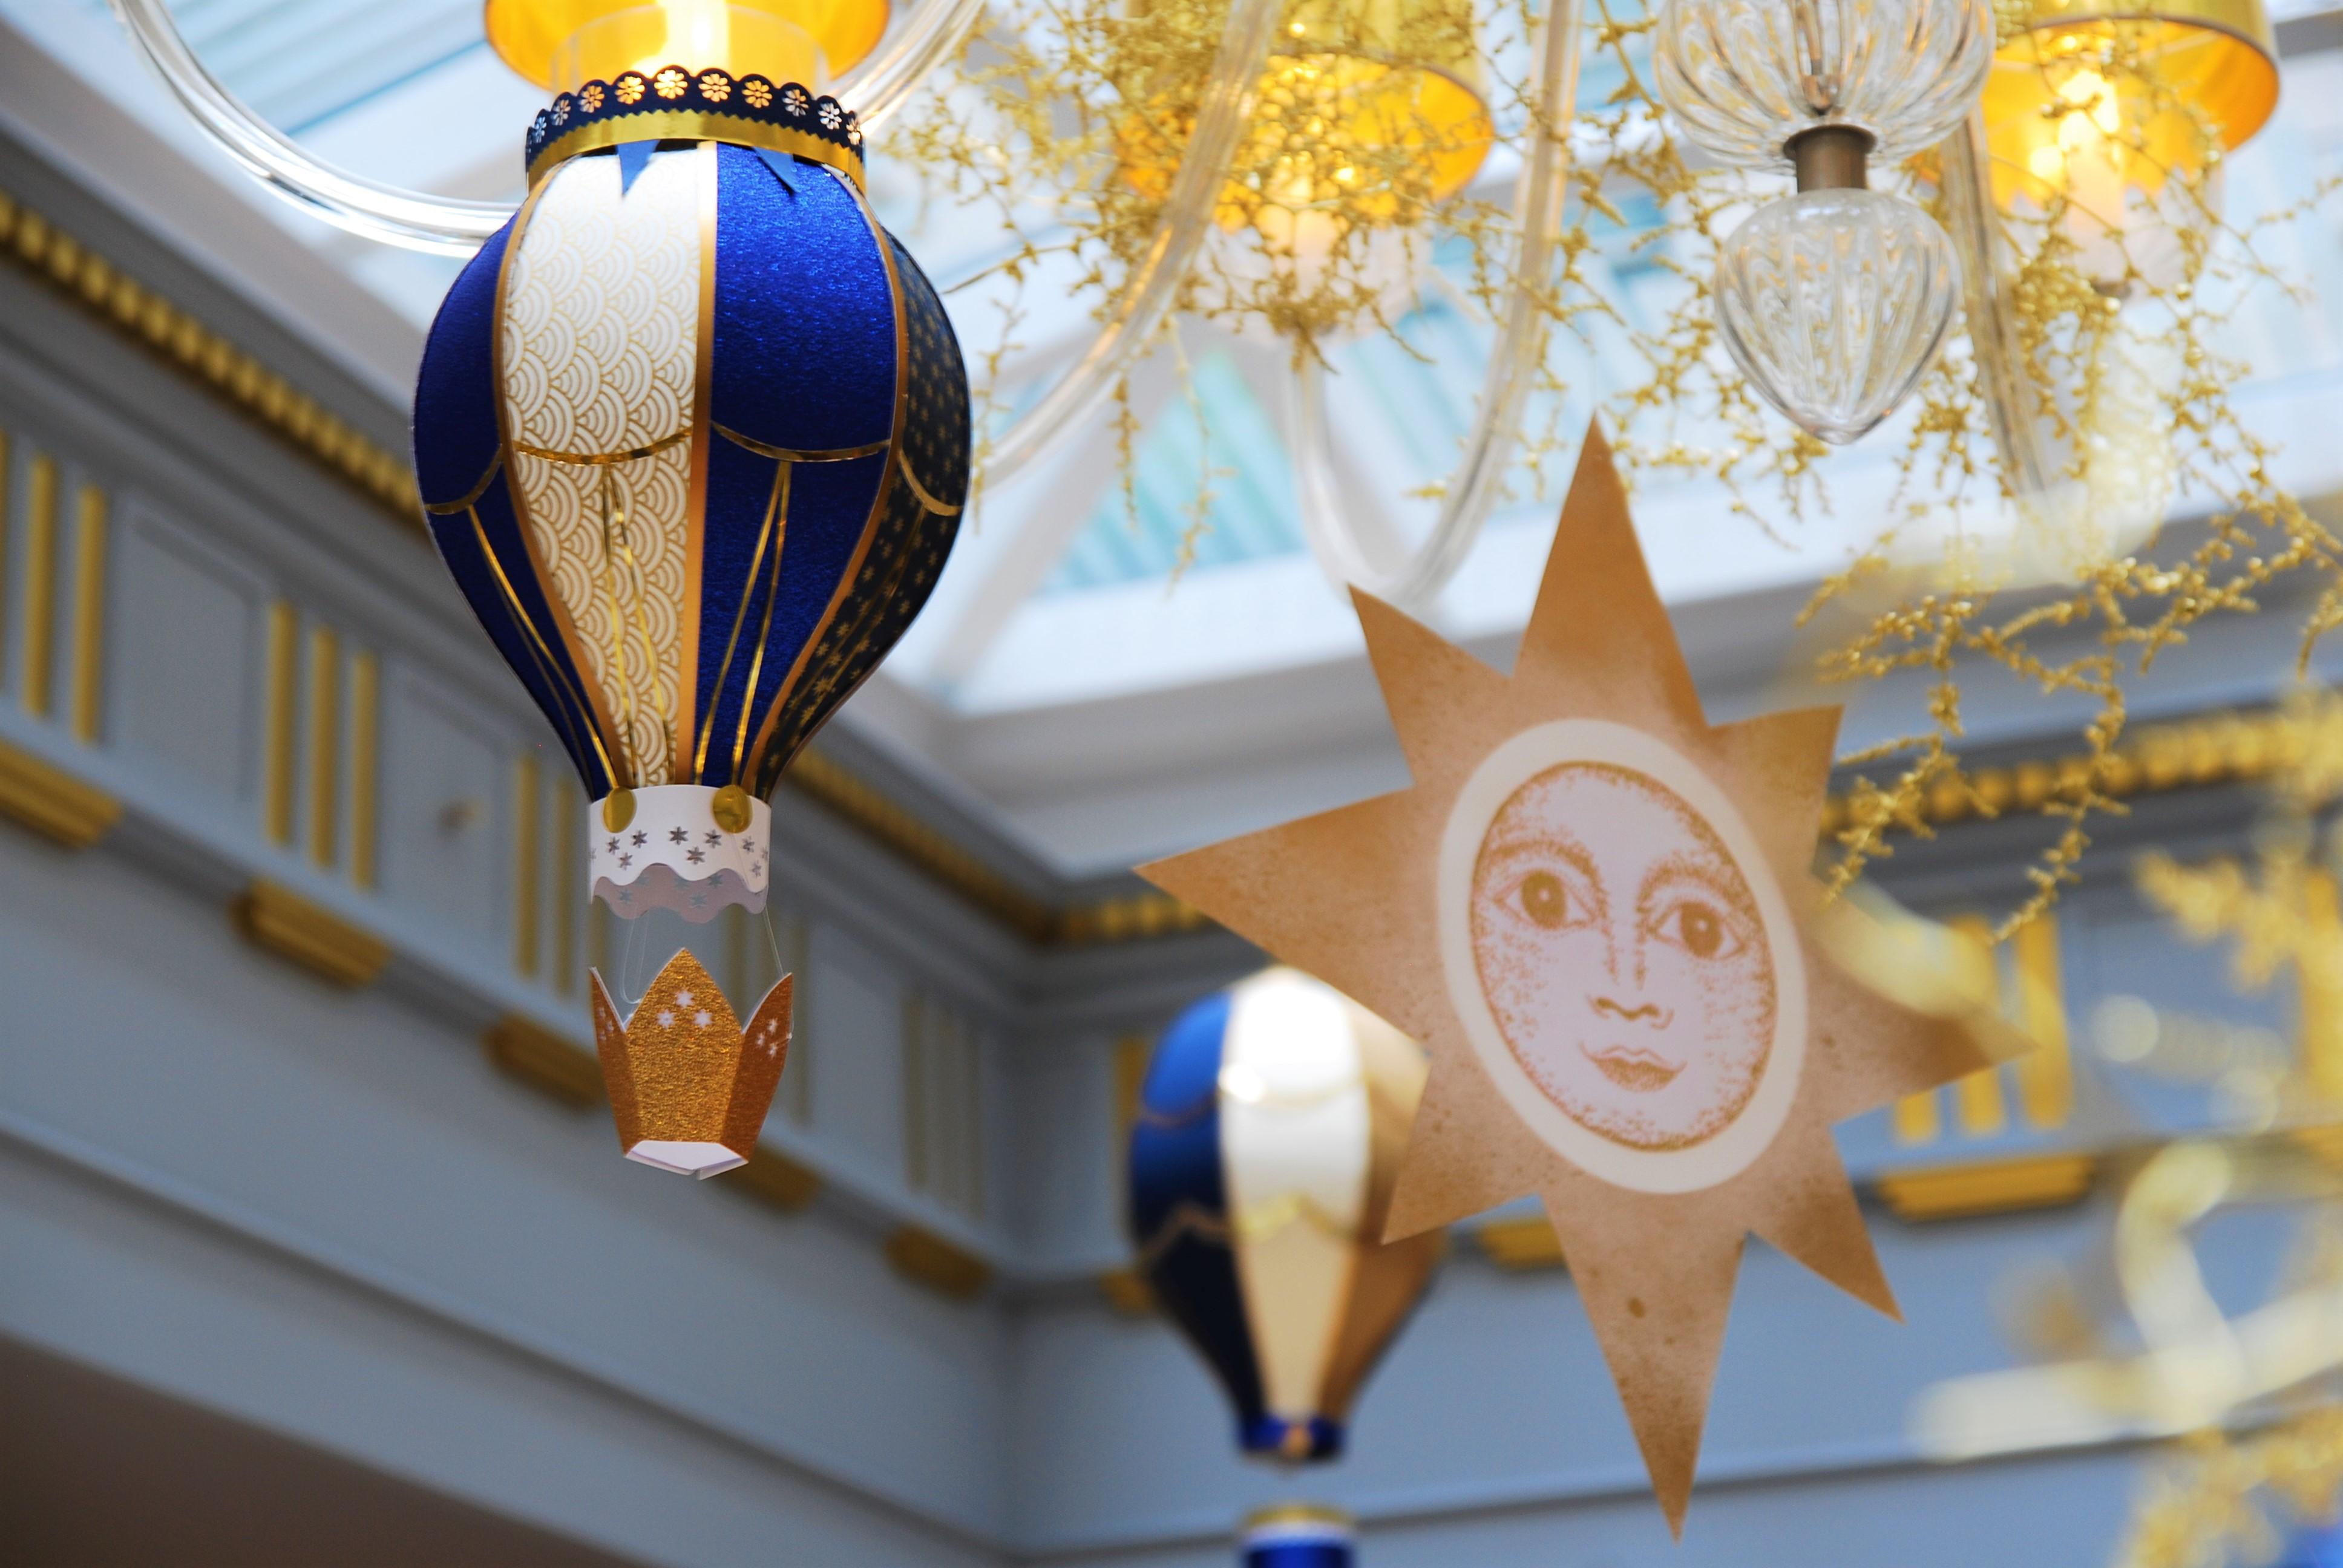 scenographie-envol-or-bleu-montgolfiere-paper-art-creation-pour-hotel-sofitel-paris-le-faubourg-noel-2018-Laure-Devenelle